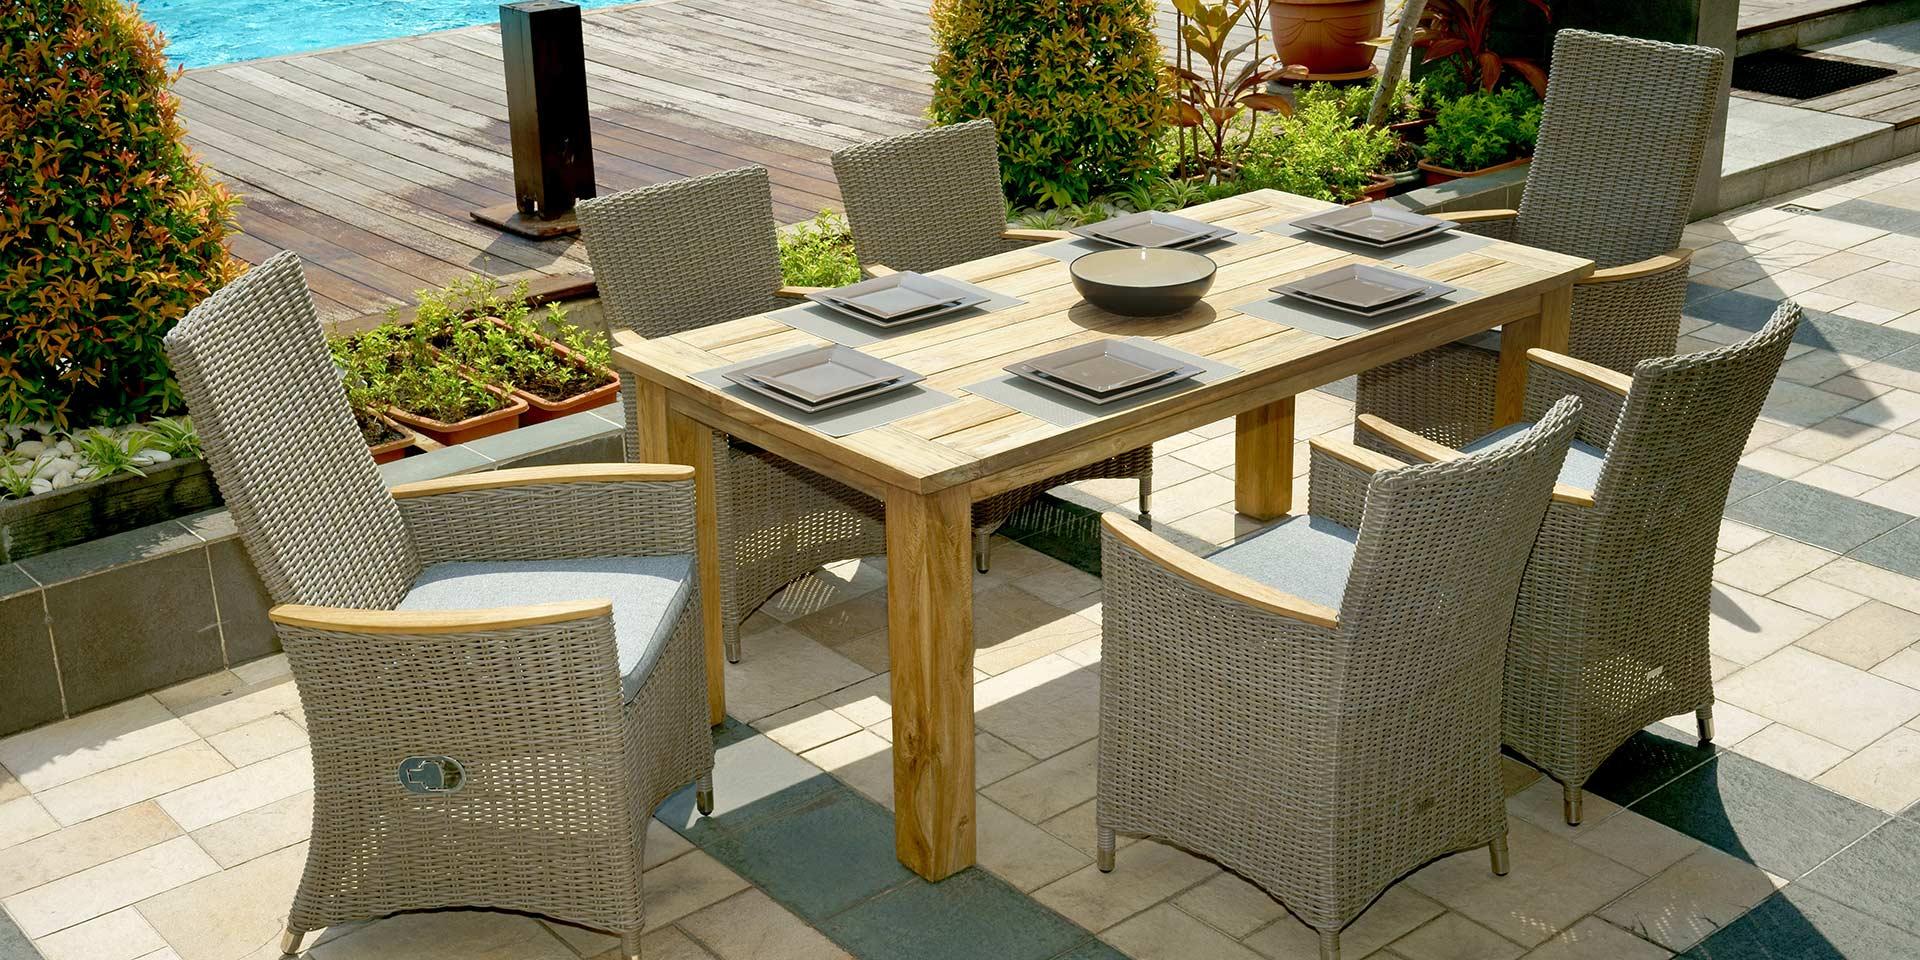 Gartenmöbel für den perfekten Sommer